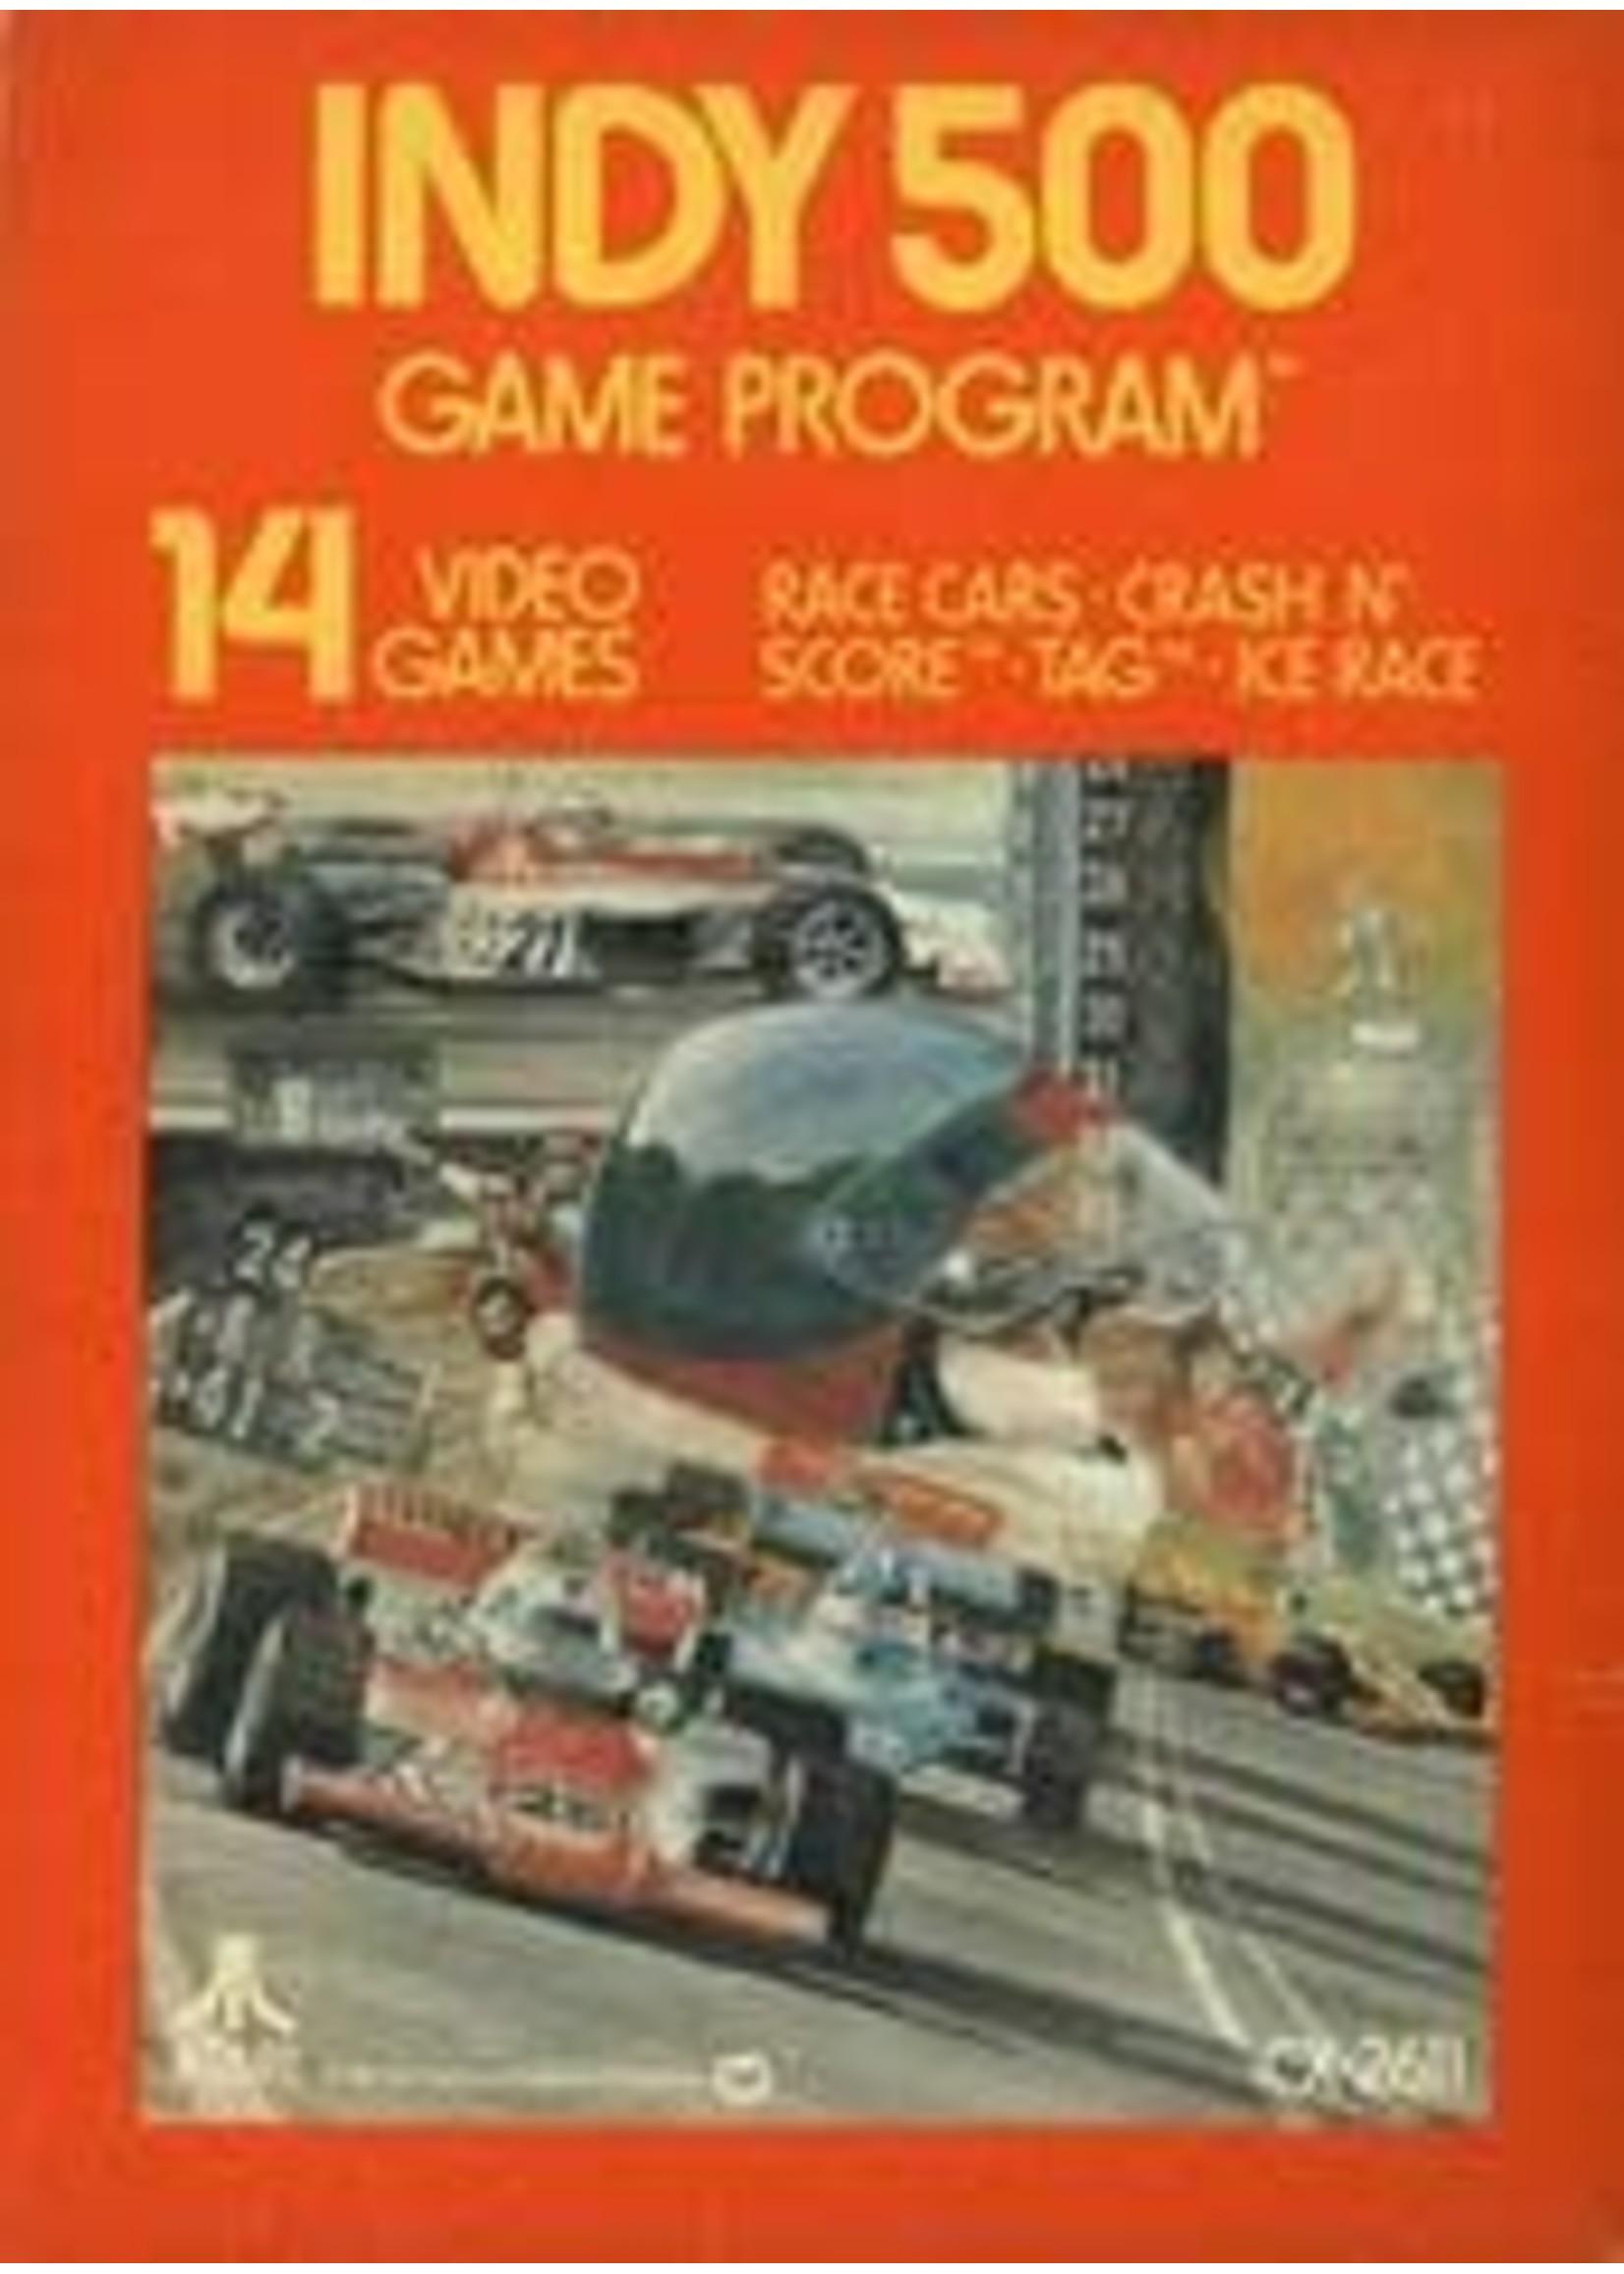 Indy 500 Atari 2600